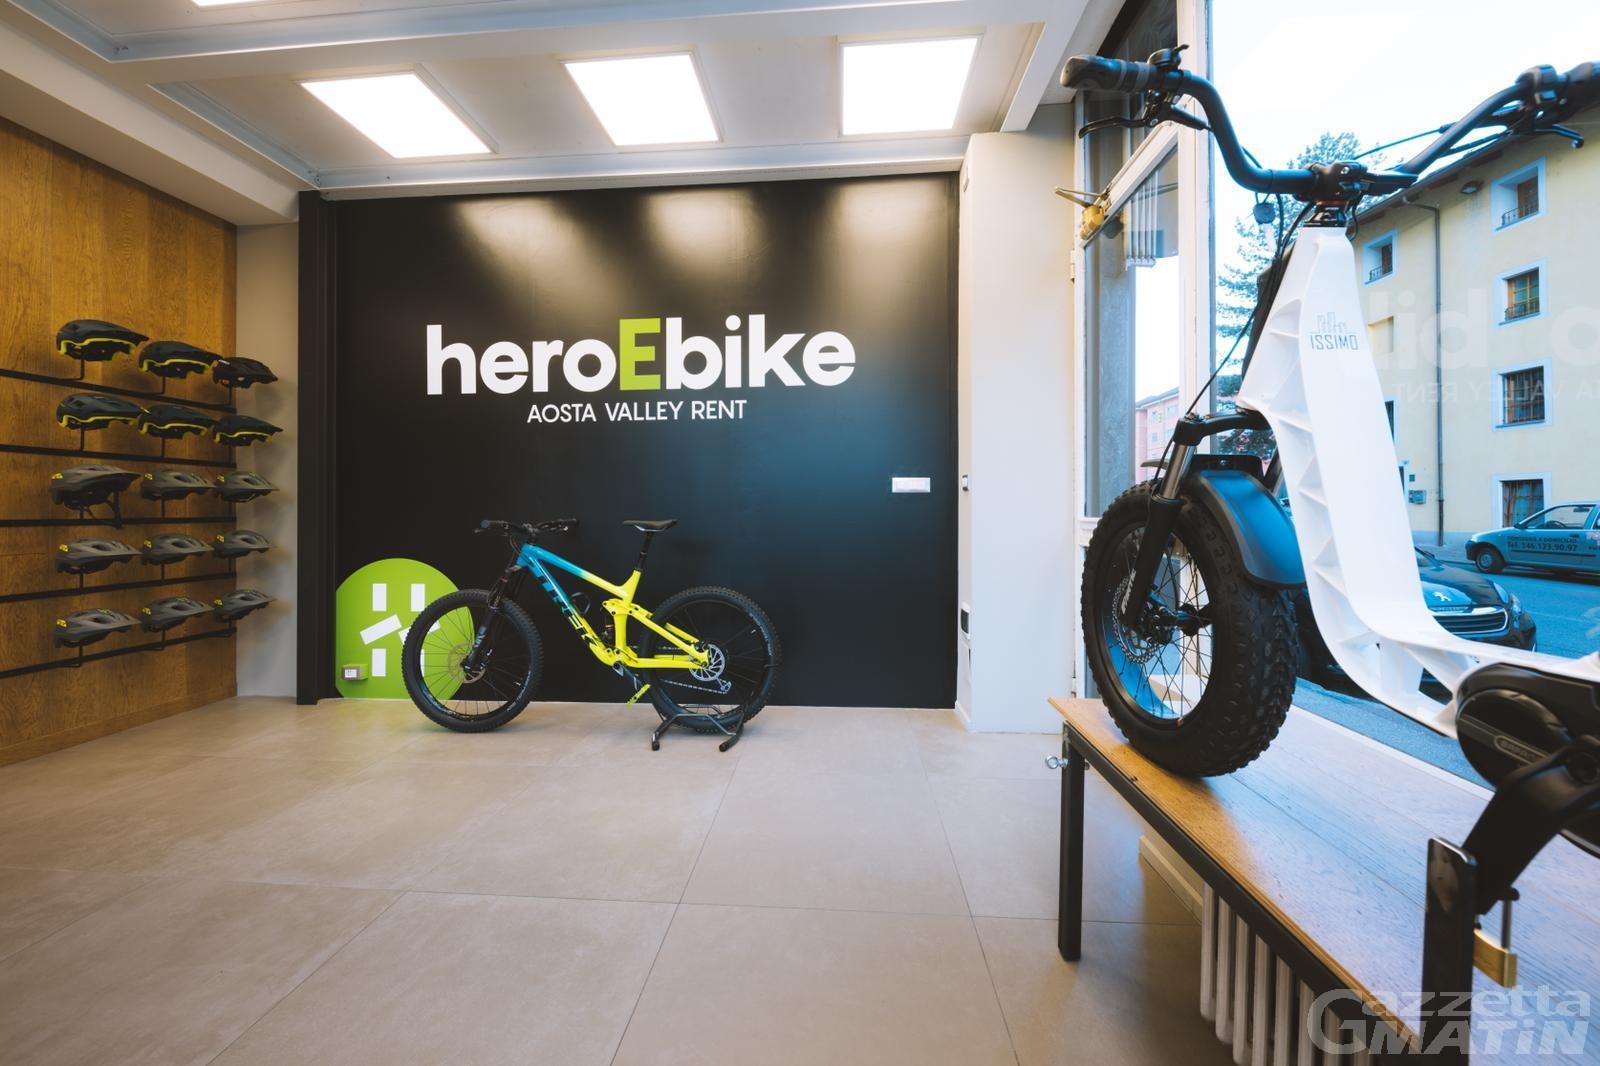 HeroEbike: per la città o il tempo libero, la bicicletta è sempre più elettrica